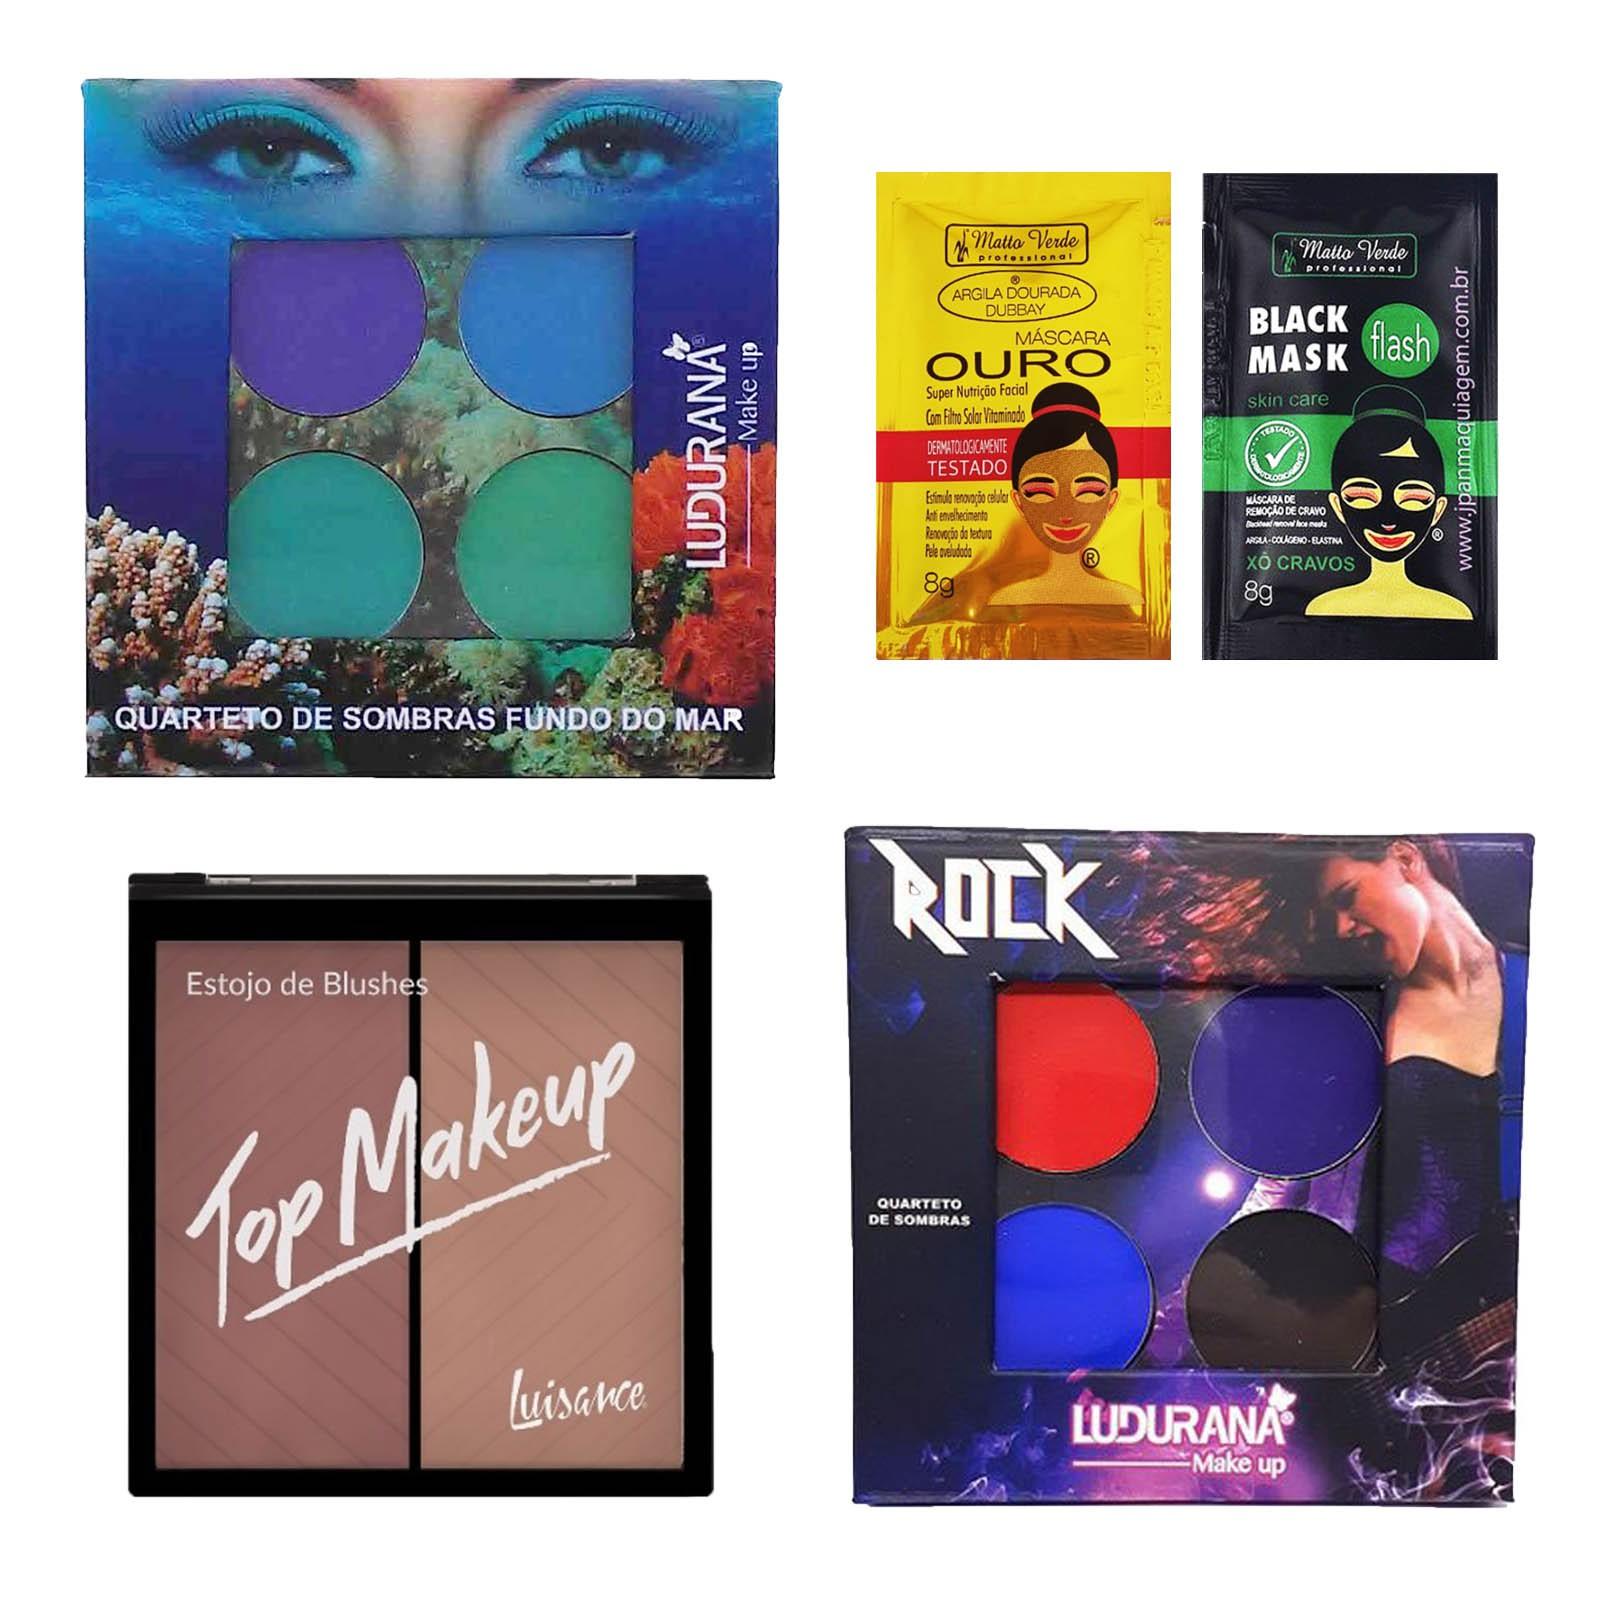 Maleta de Maquiagem Completa Ludurana - Kit de Pinceis Macrilan C/ Brinde